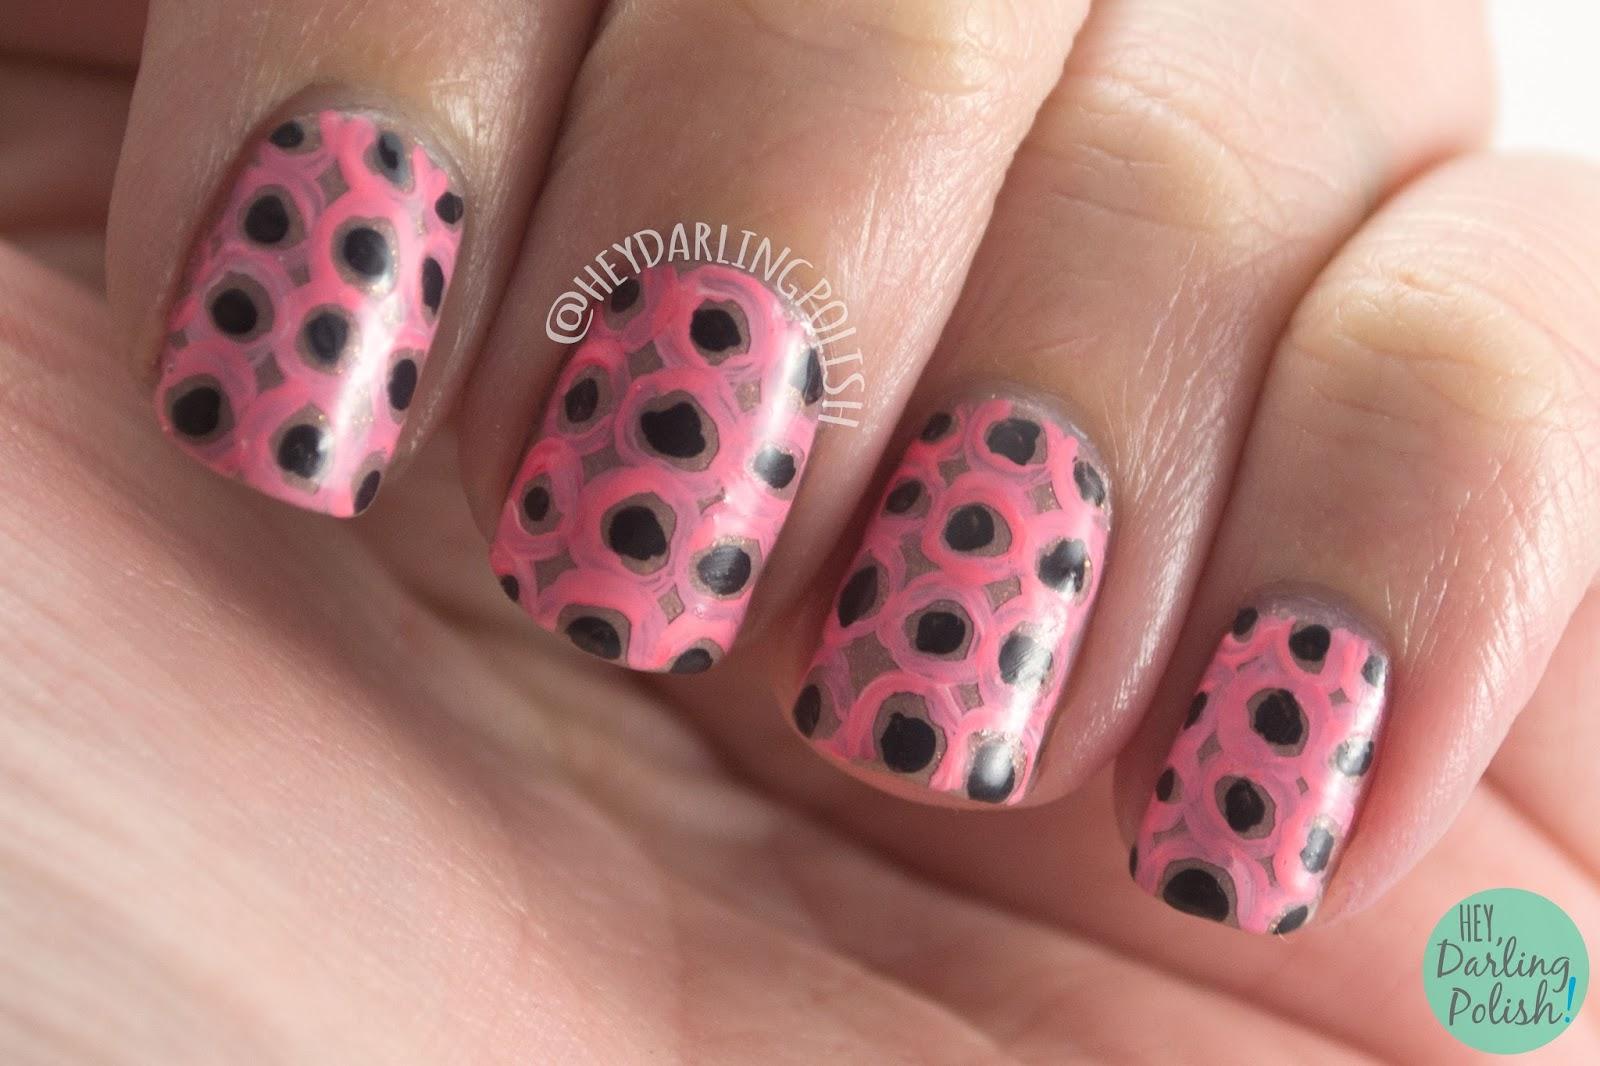 nails, nail art, nail polish, polka dots, dots, pink, hey darling polish, pattern, the nail challenge collaborative